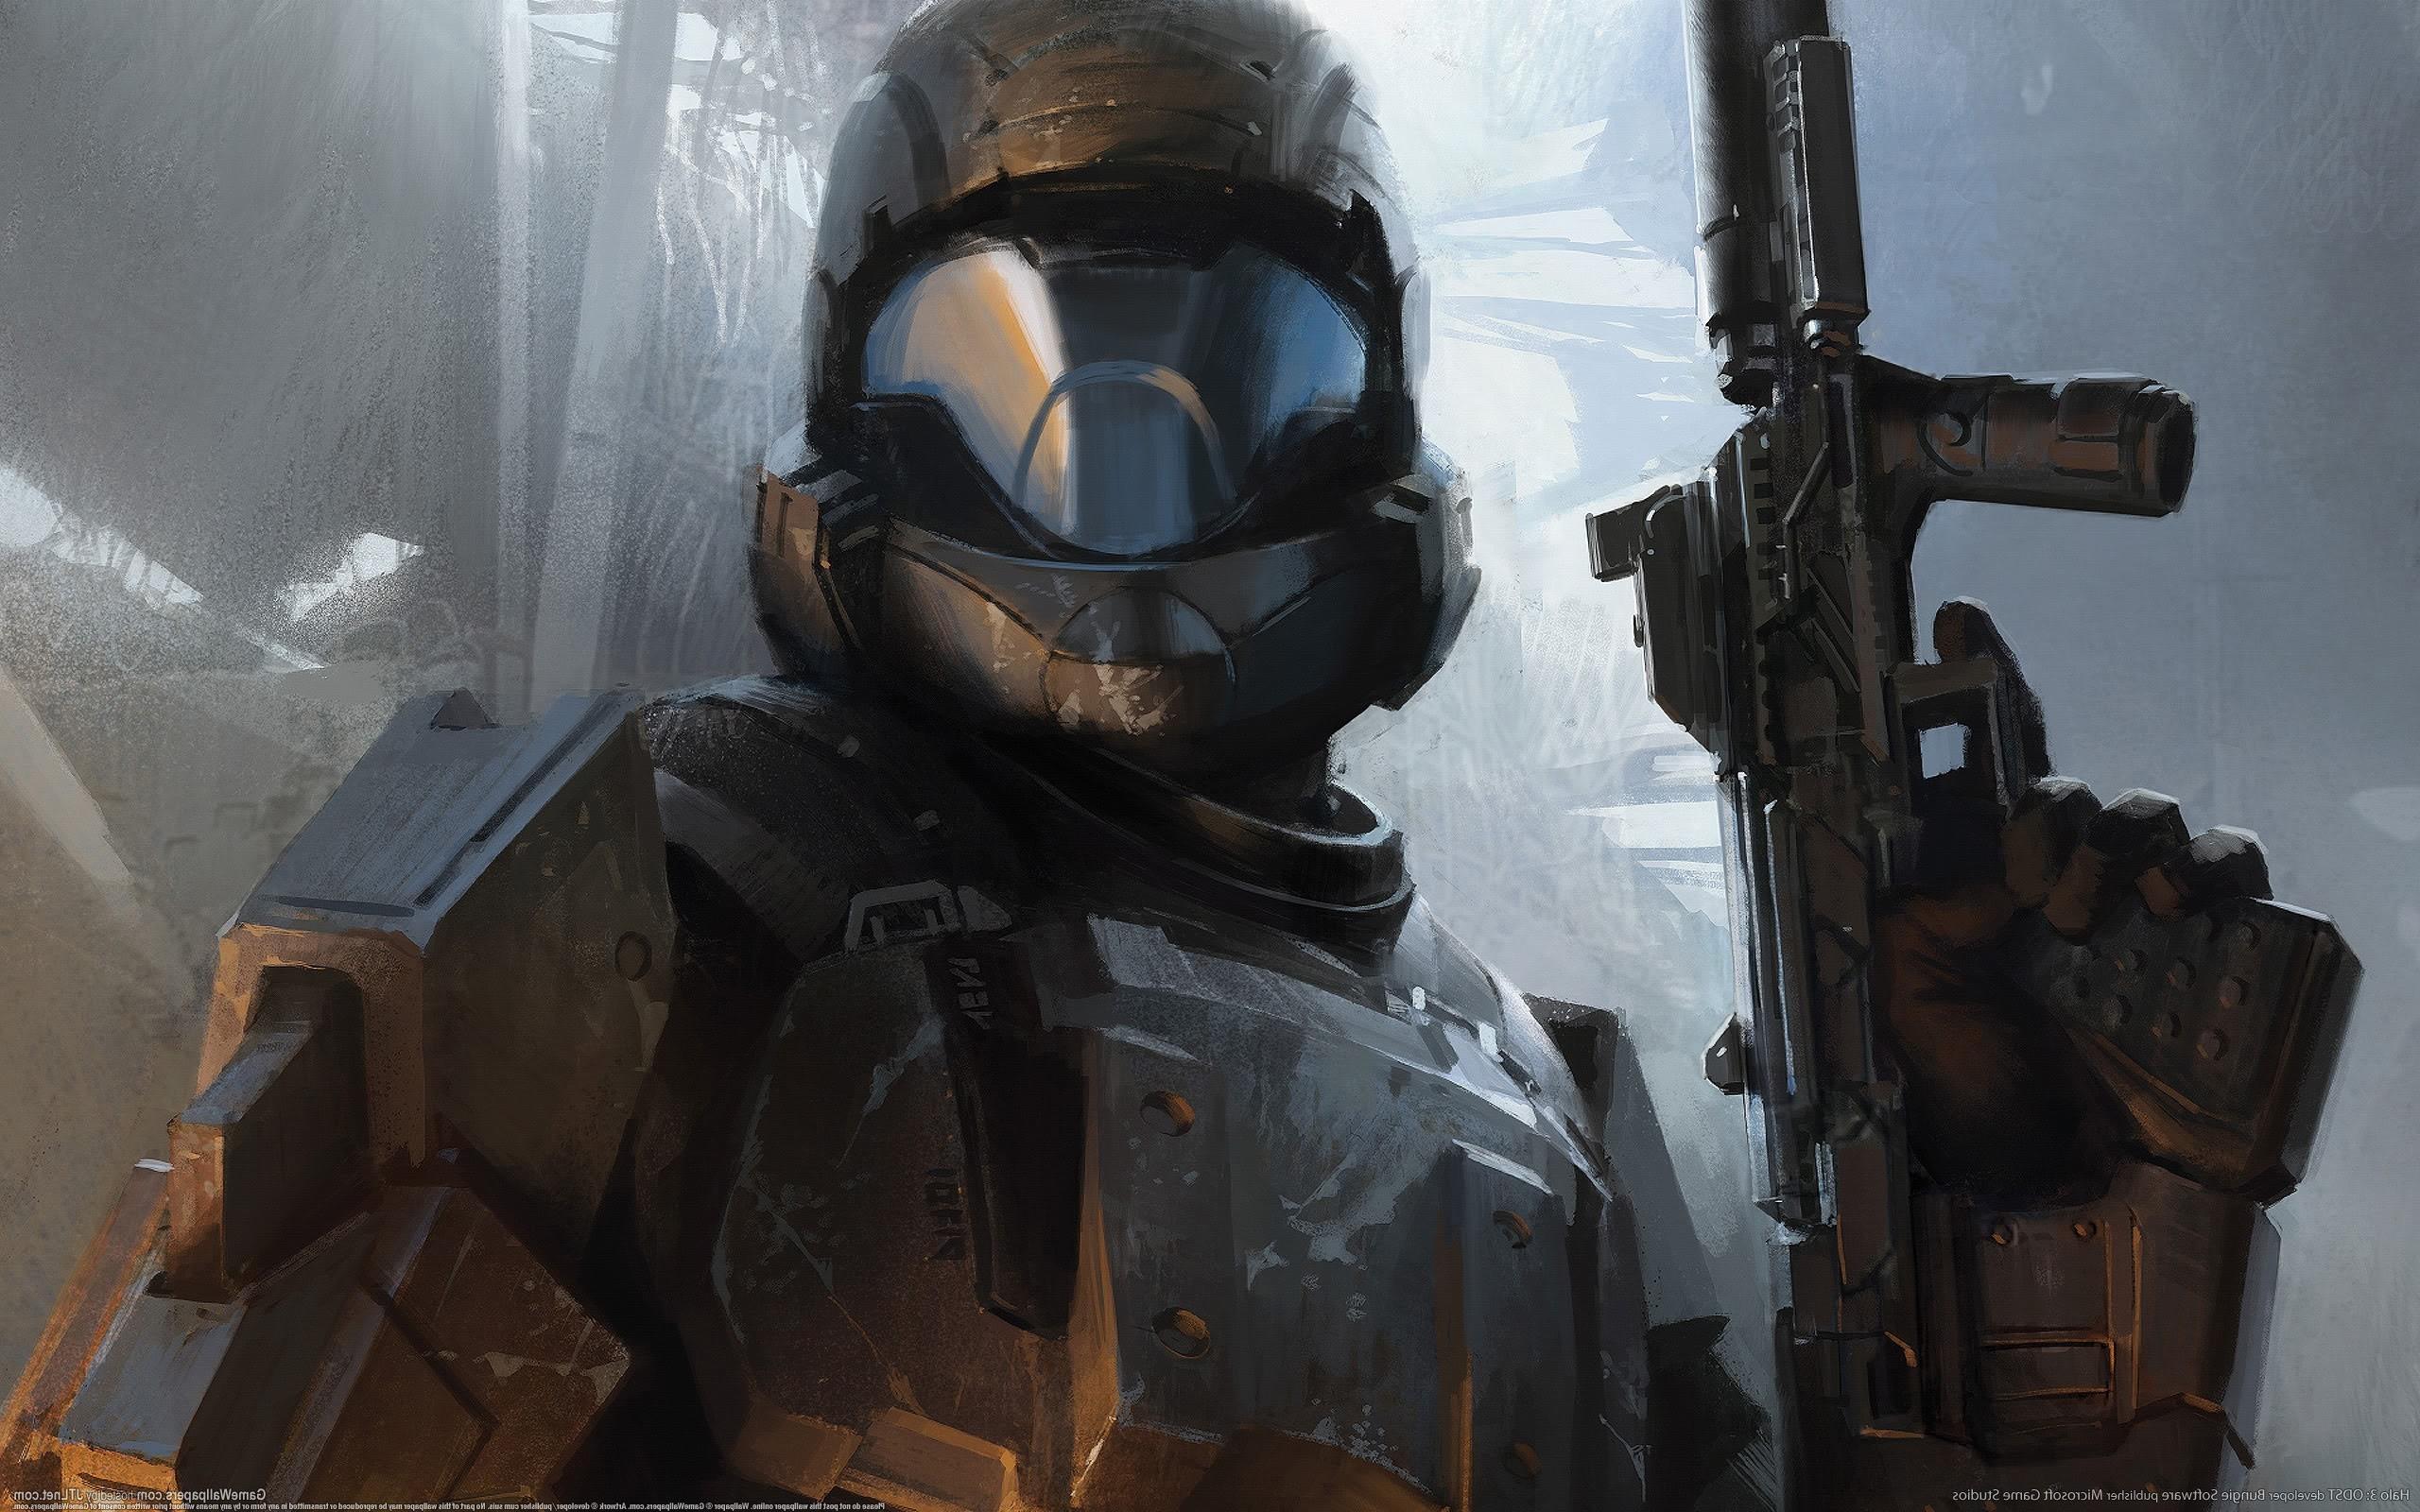 Wallpaper : video games, soldier, sculpture, machine, Halo 3